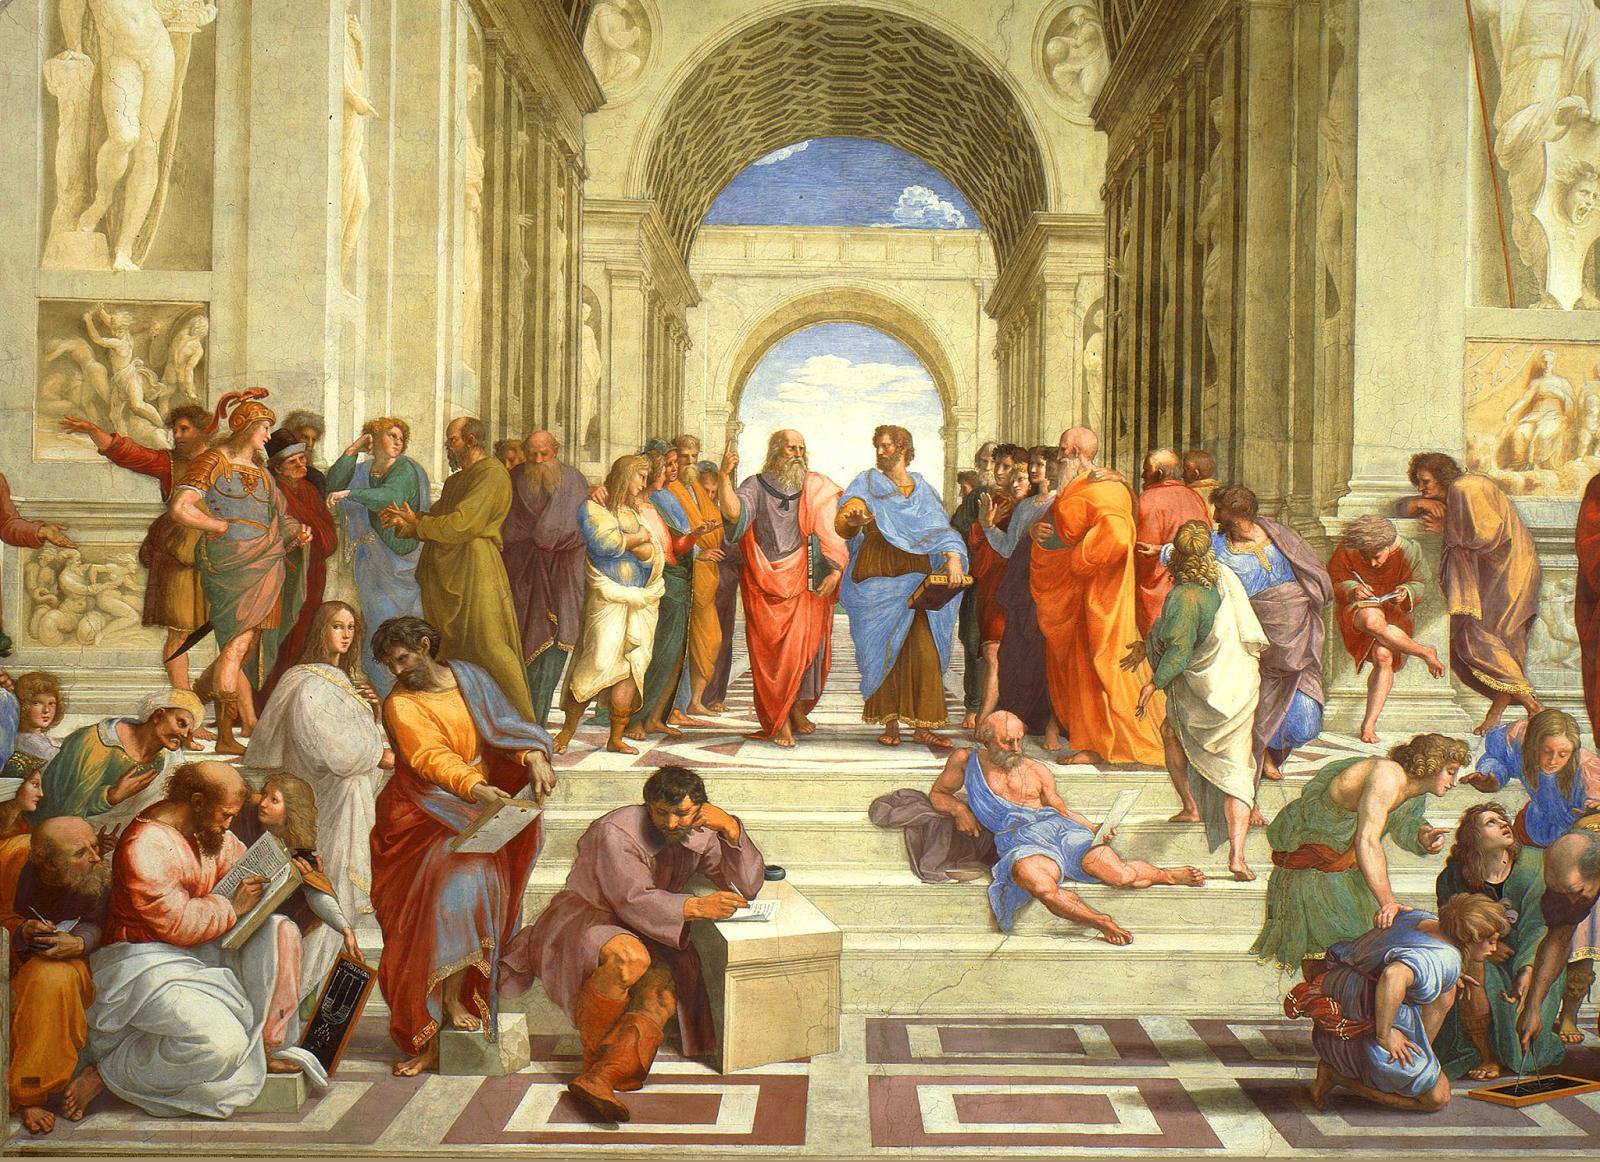 La filosofía puede hacer mucho daño o mucho bien